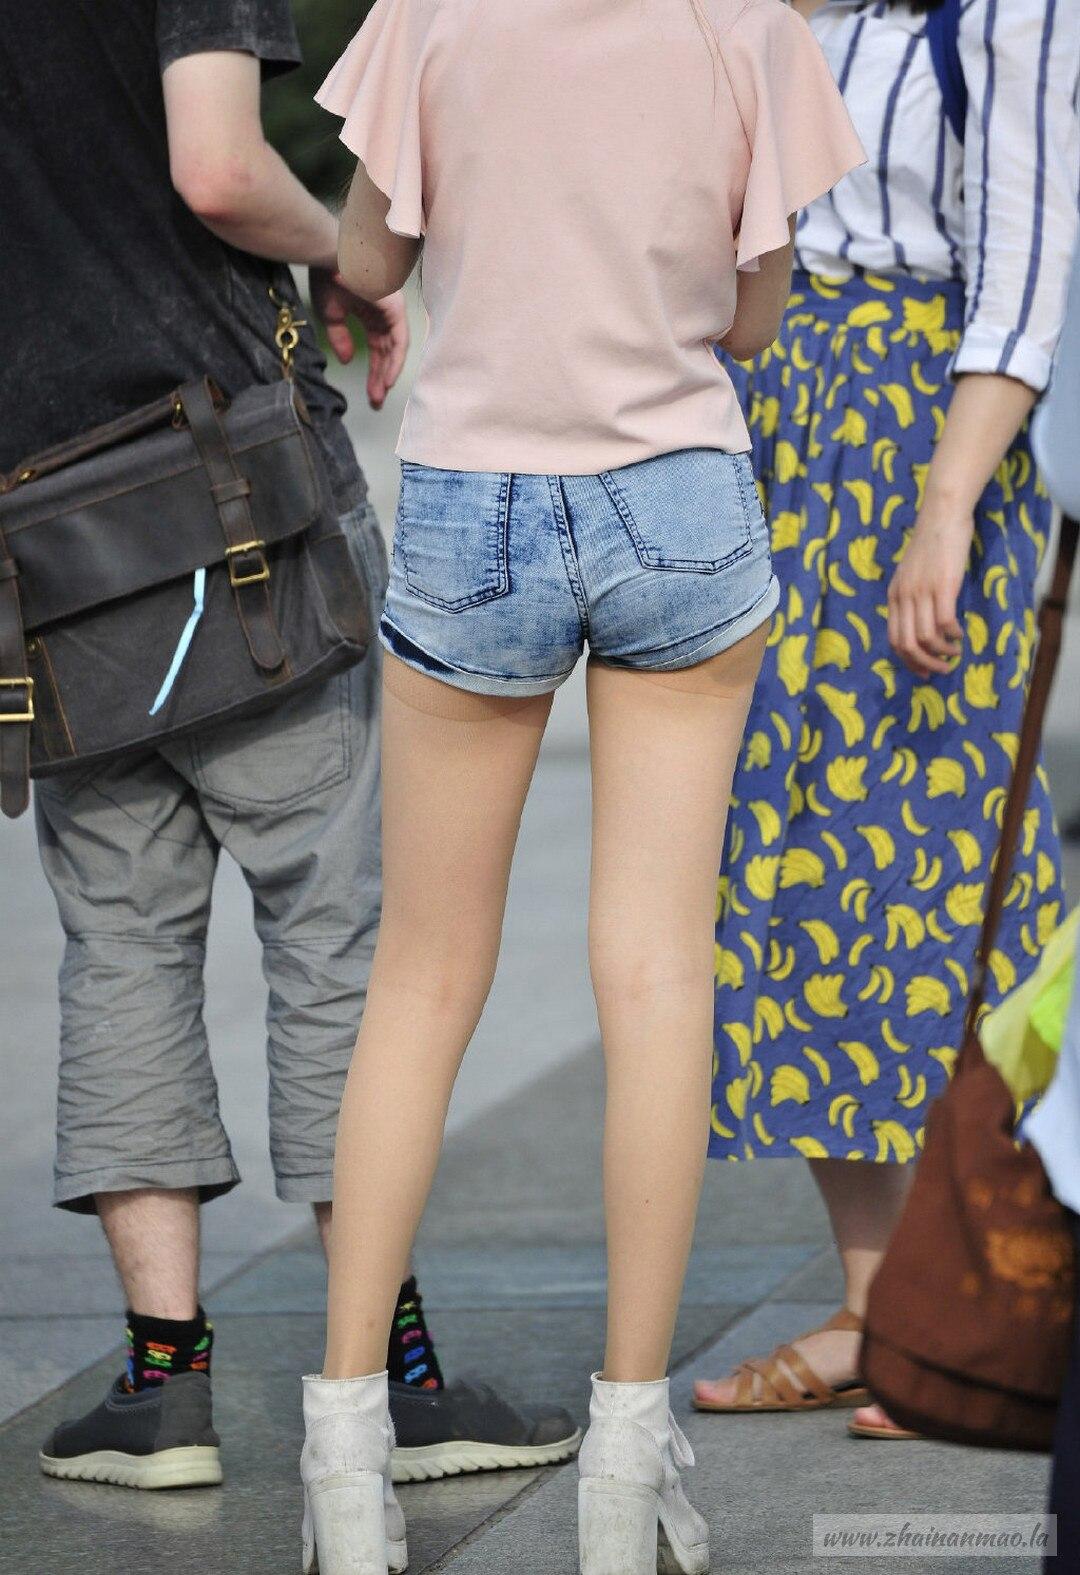 街拍:小姐姐裤子太短了,安全裤都出来了!